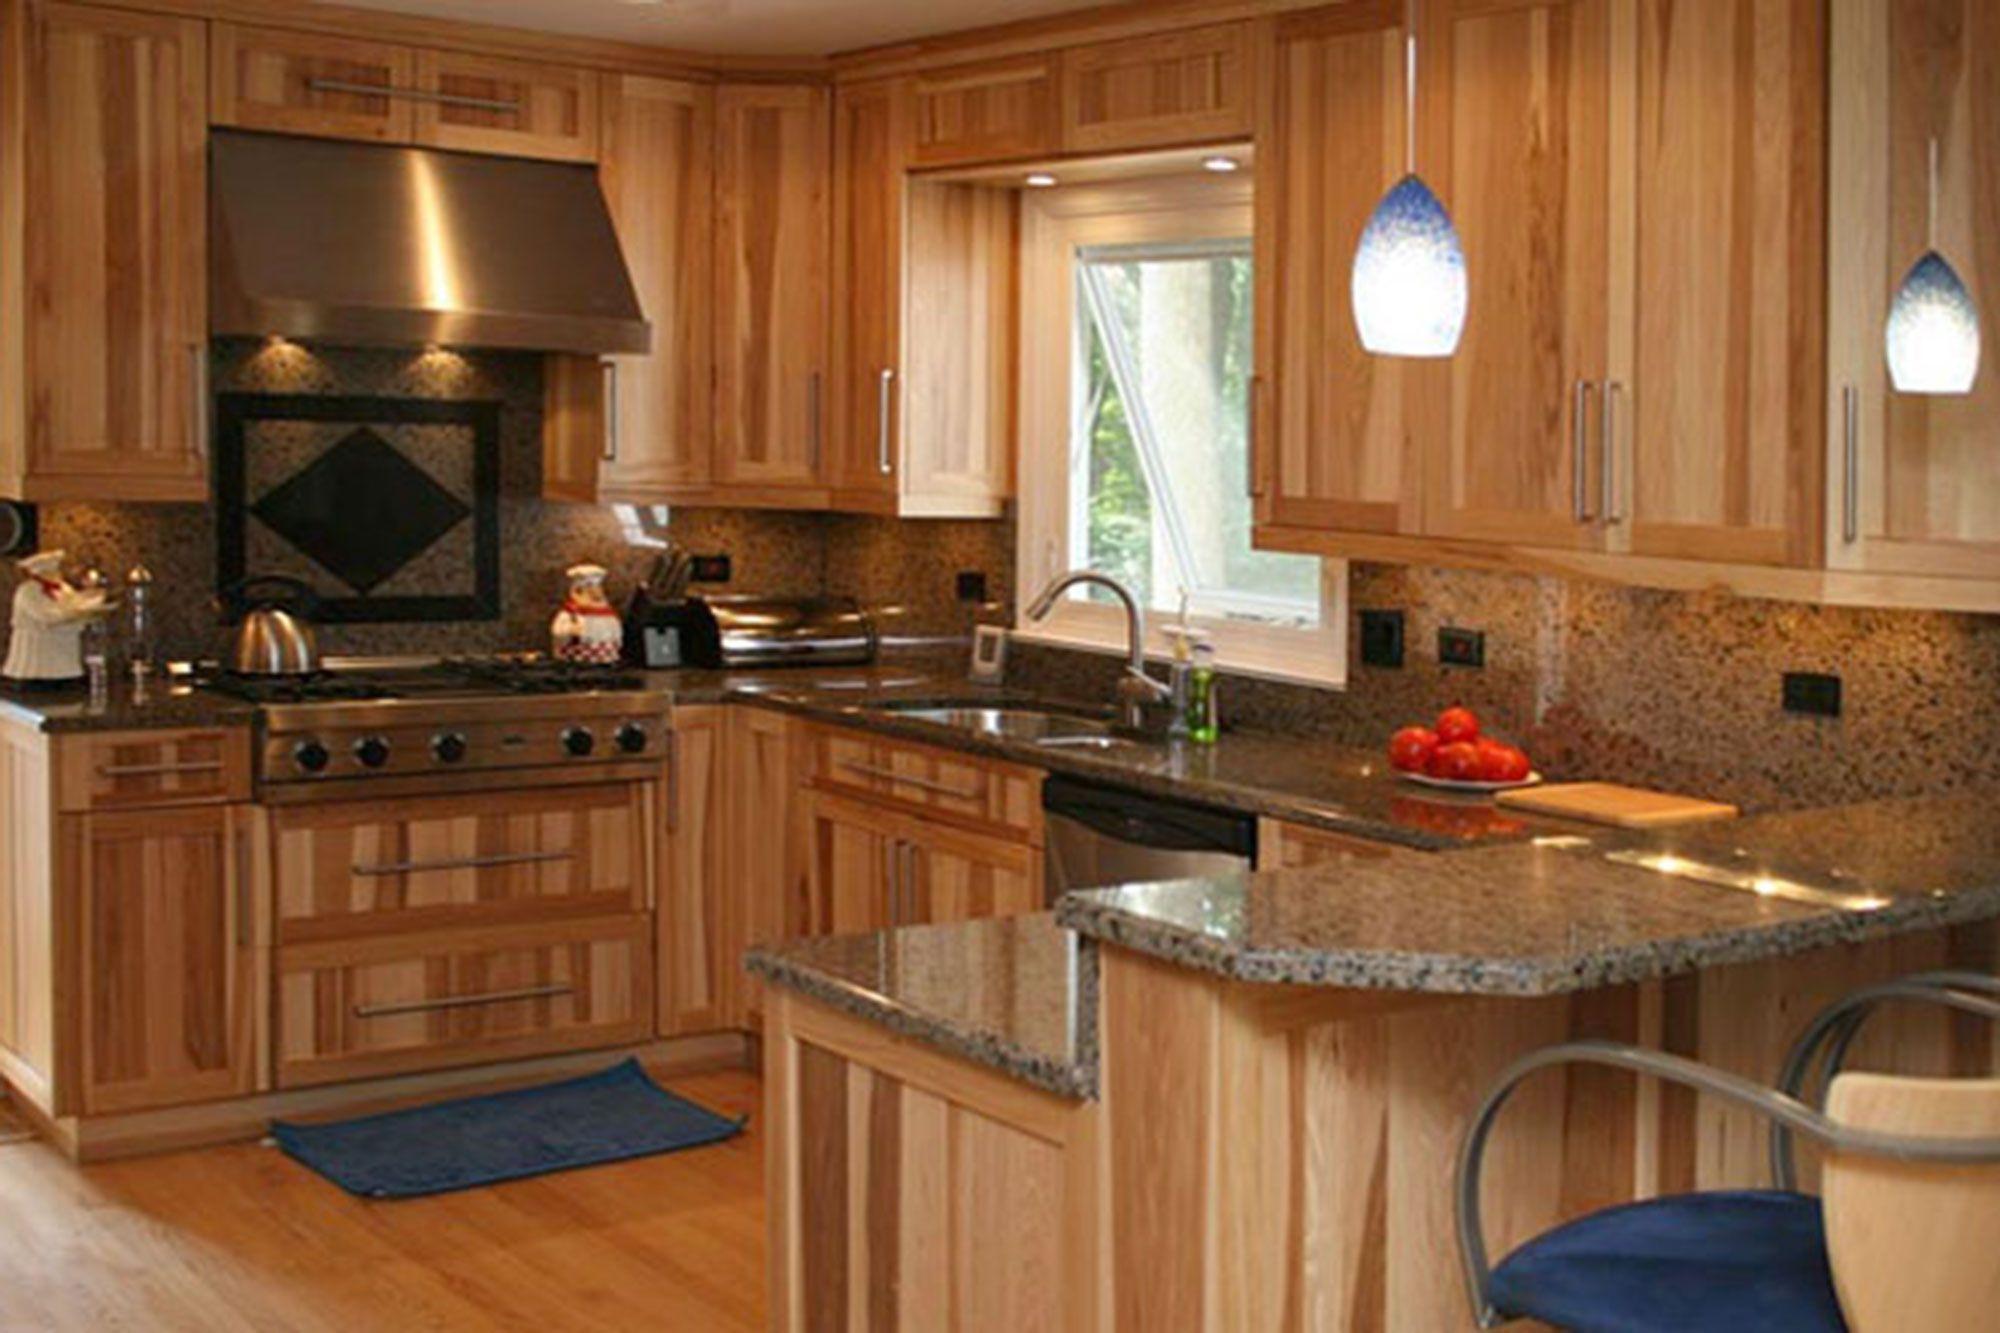 Küchen-design-schrank küche farben mit hickory schränke  visualisieren sie den entwurf in